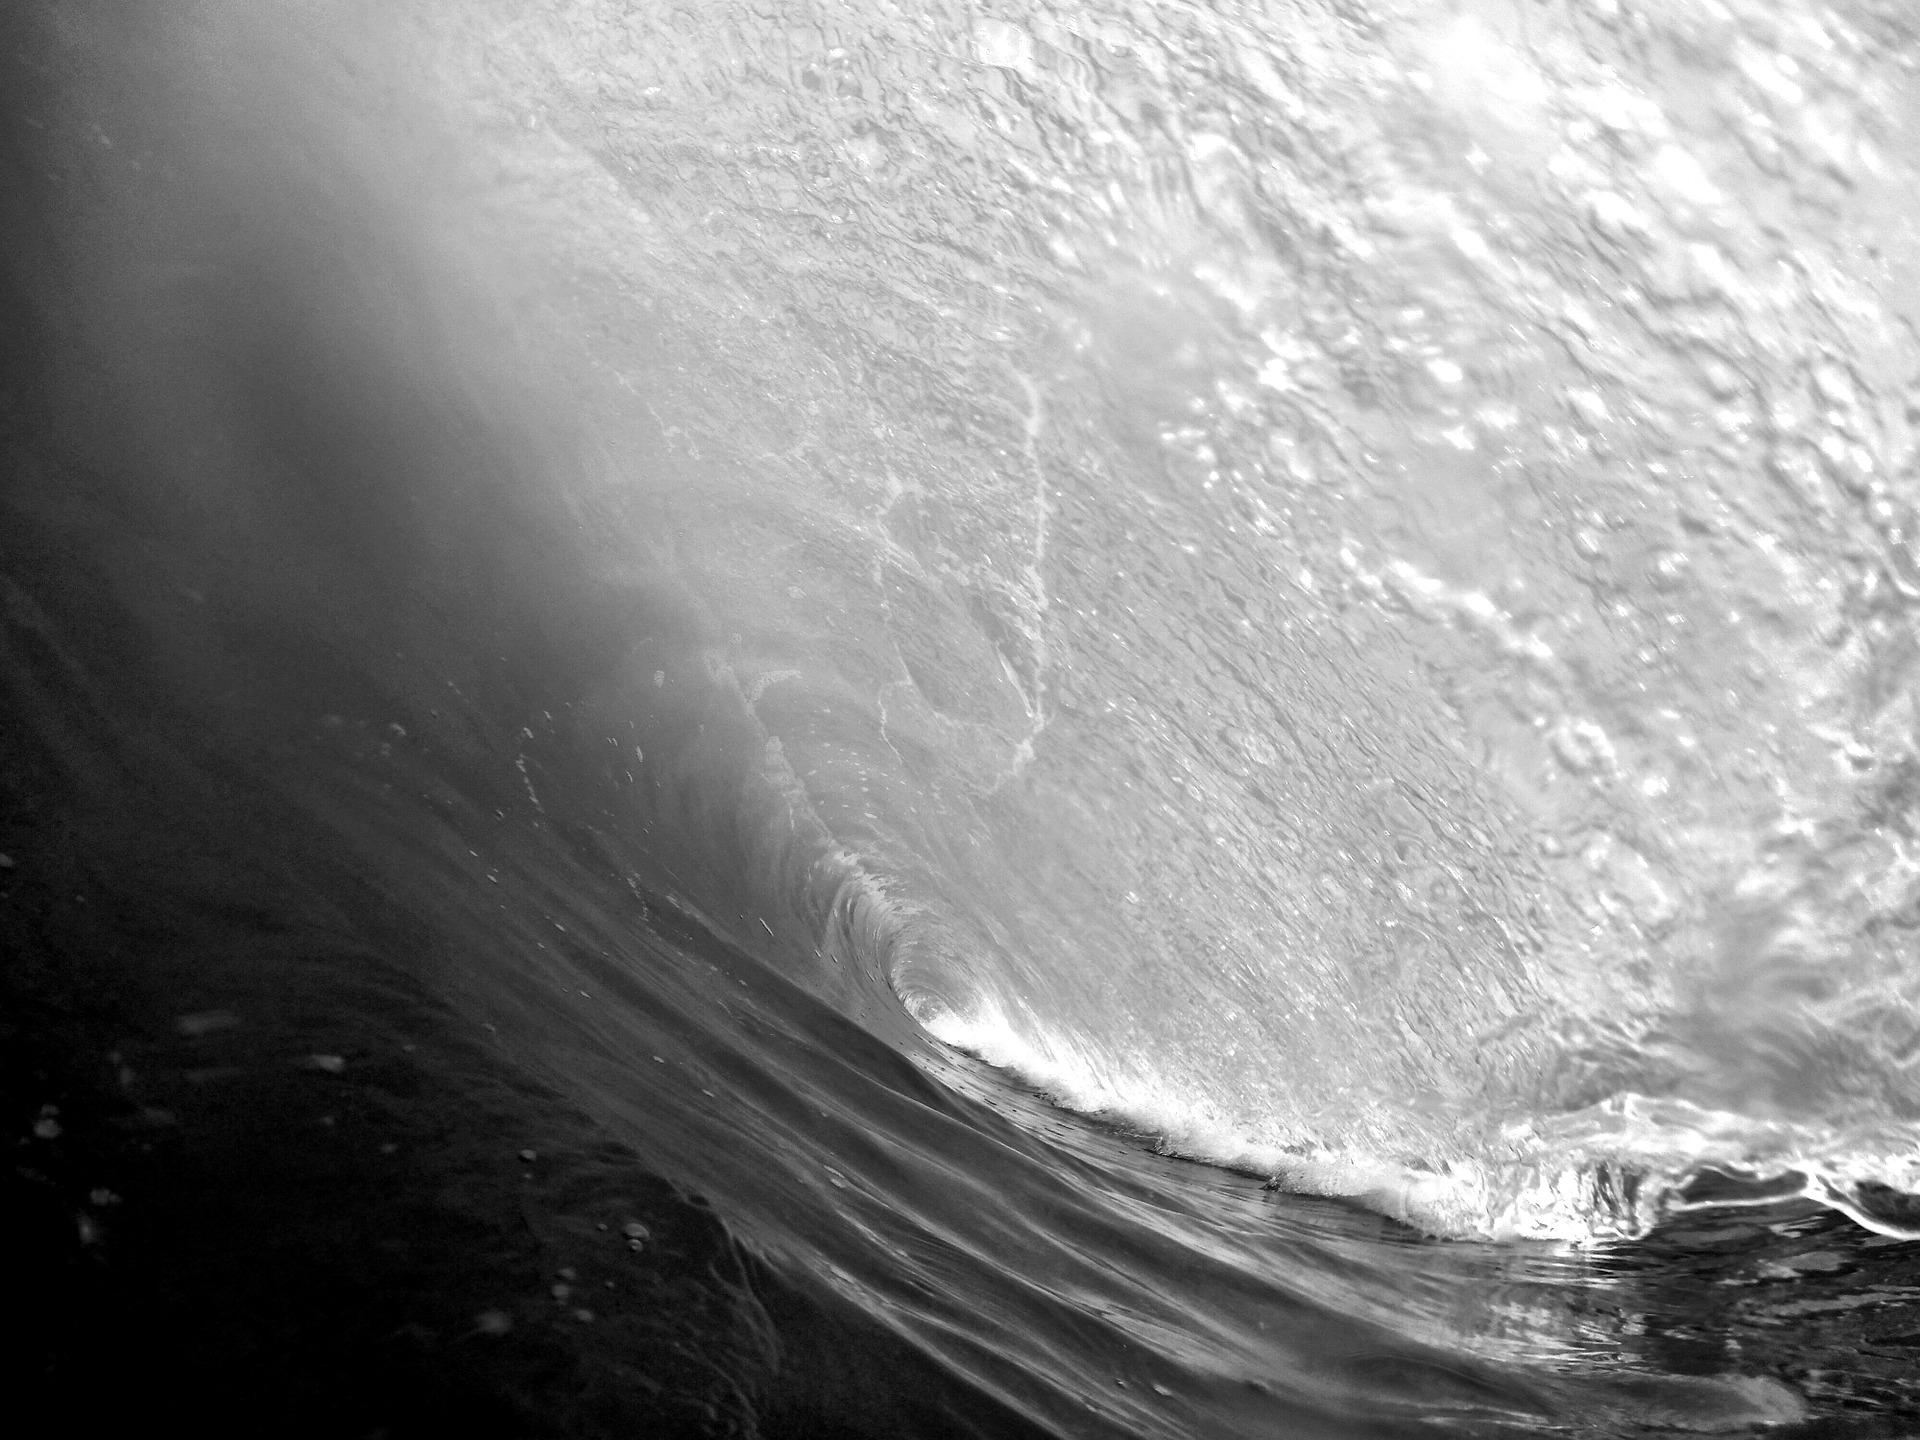 water-731252_1920.jpg